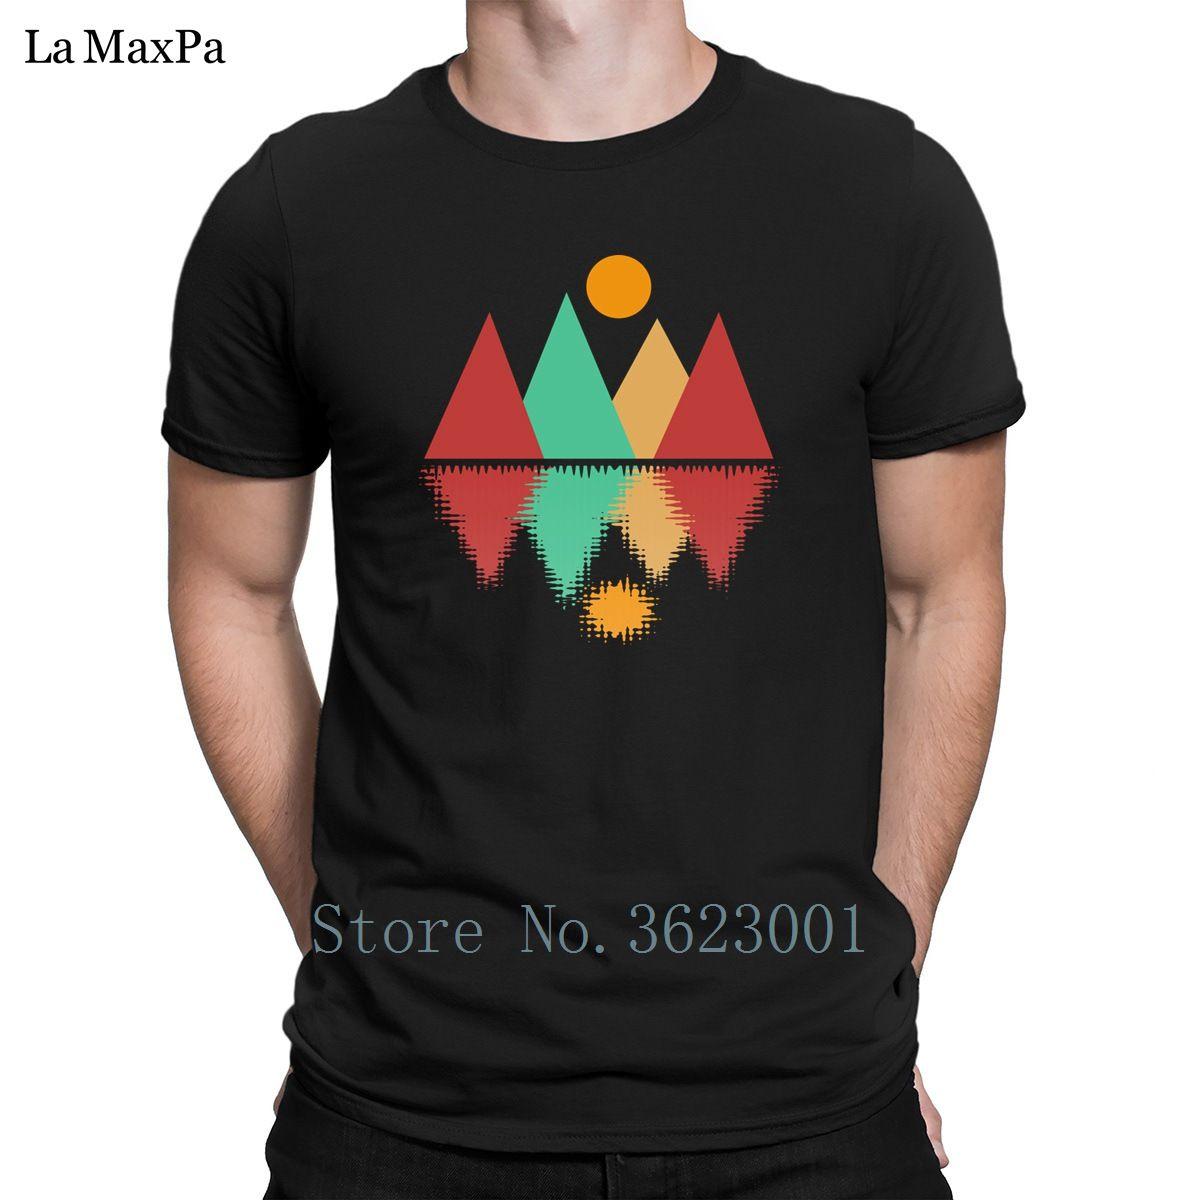 Yeni Doğal T Gömlek Giyim Ay Üzeri Dört Tepeler Erkekler Tişört Mizah Funky Erkek Tişörtü% 100 Pamuk Tee Shirt Tee